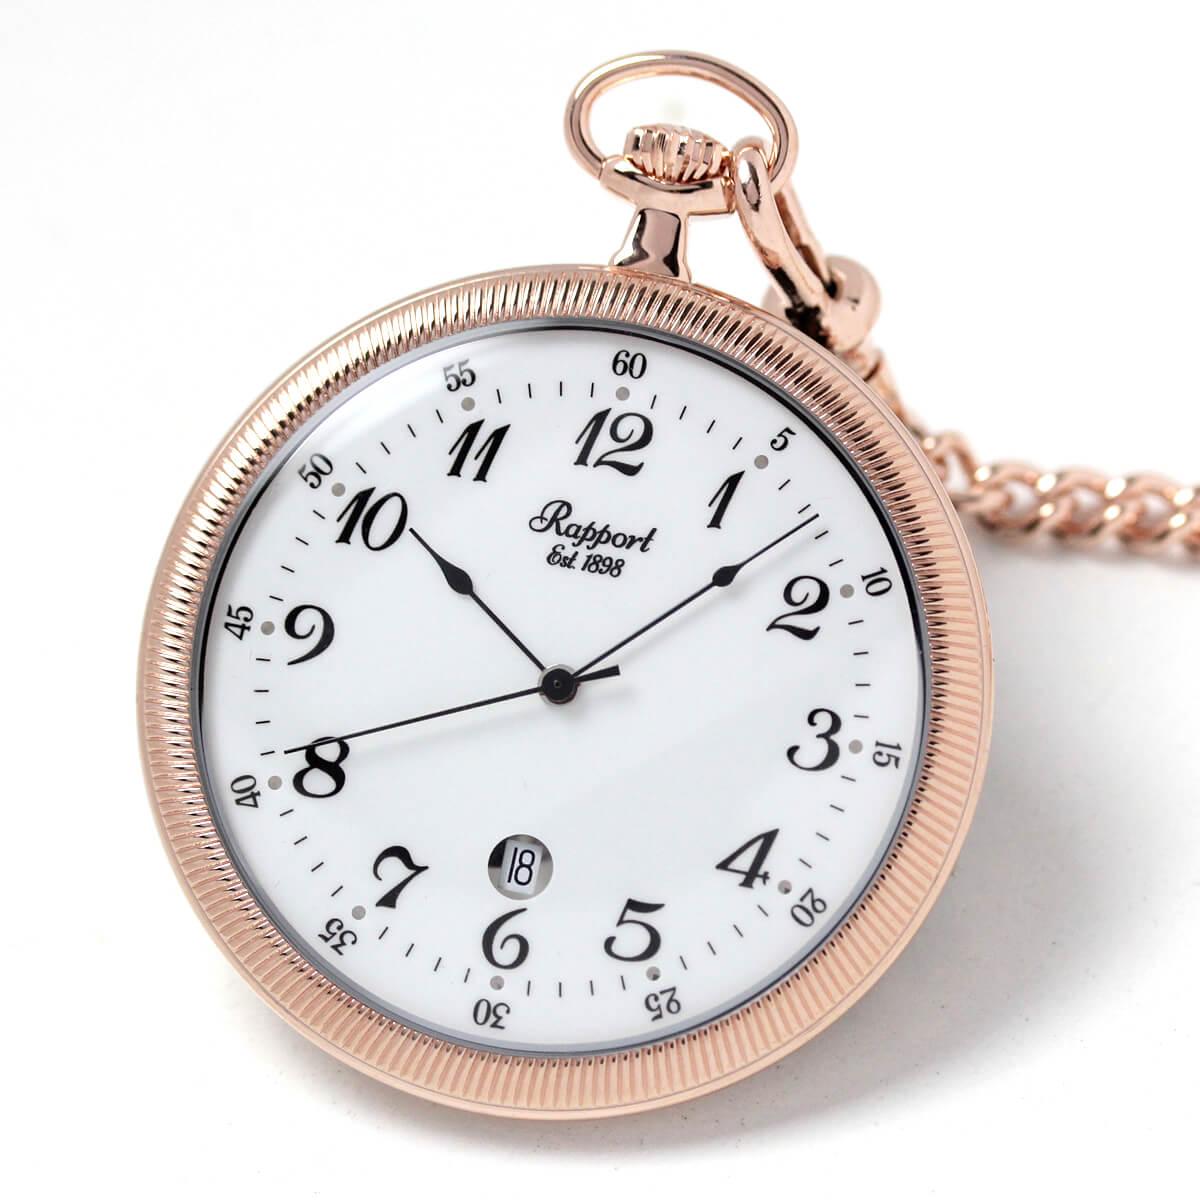 イギリスブランド rapport(ラポート) 懐中時計 pw34 シルバーカラーのオープンフェイスモデル